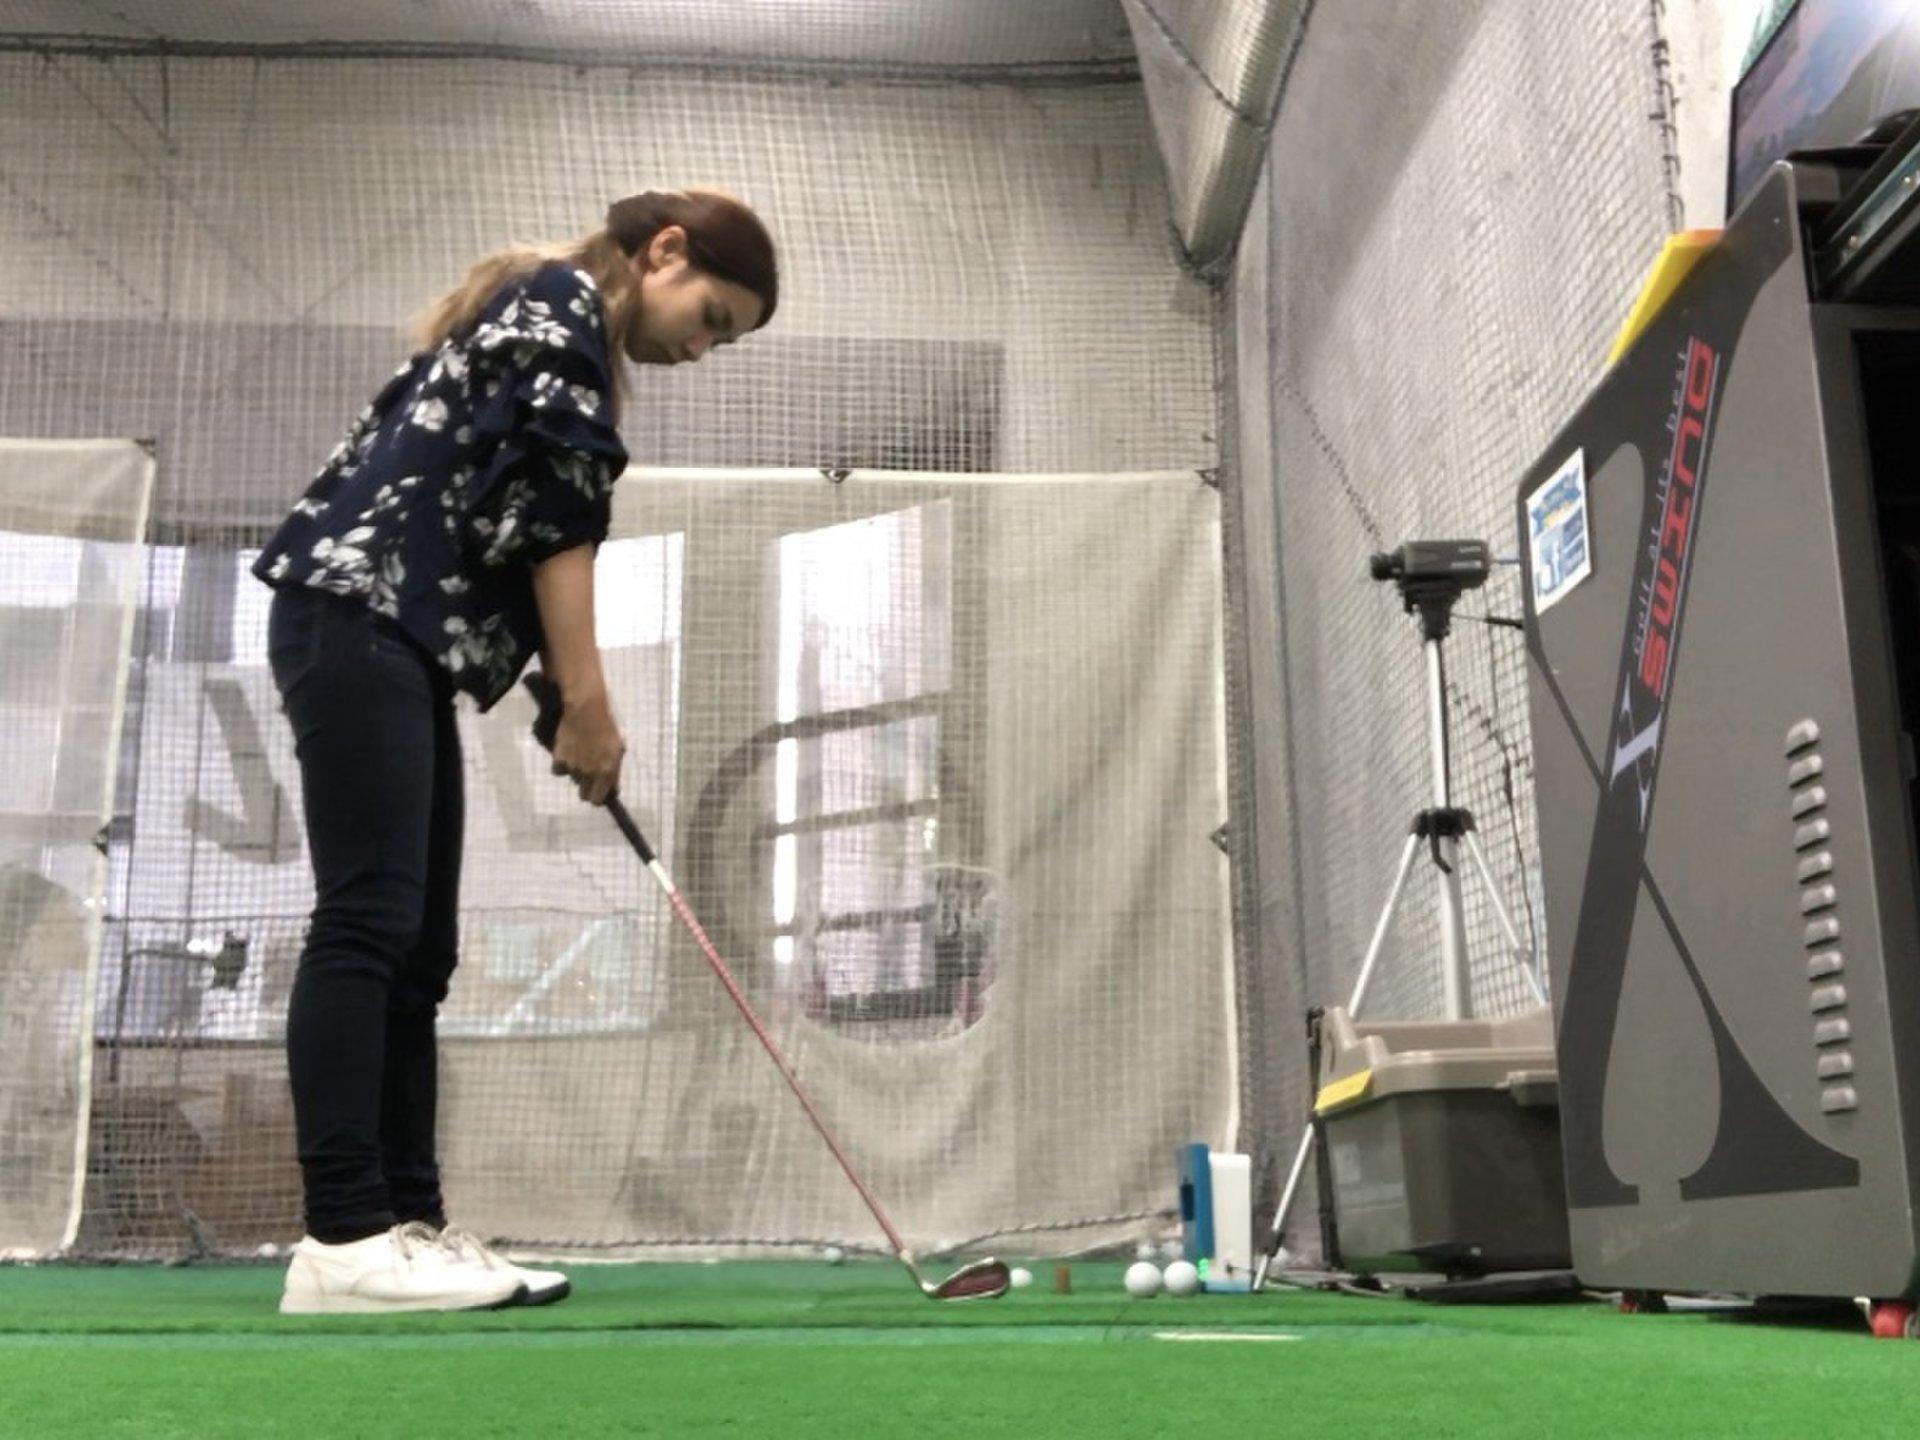 銀座で気軽にゴルフ教室♡初心者向け・女性専用!体験レッスン2,000円♡